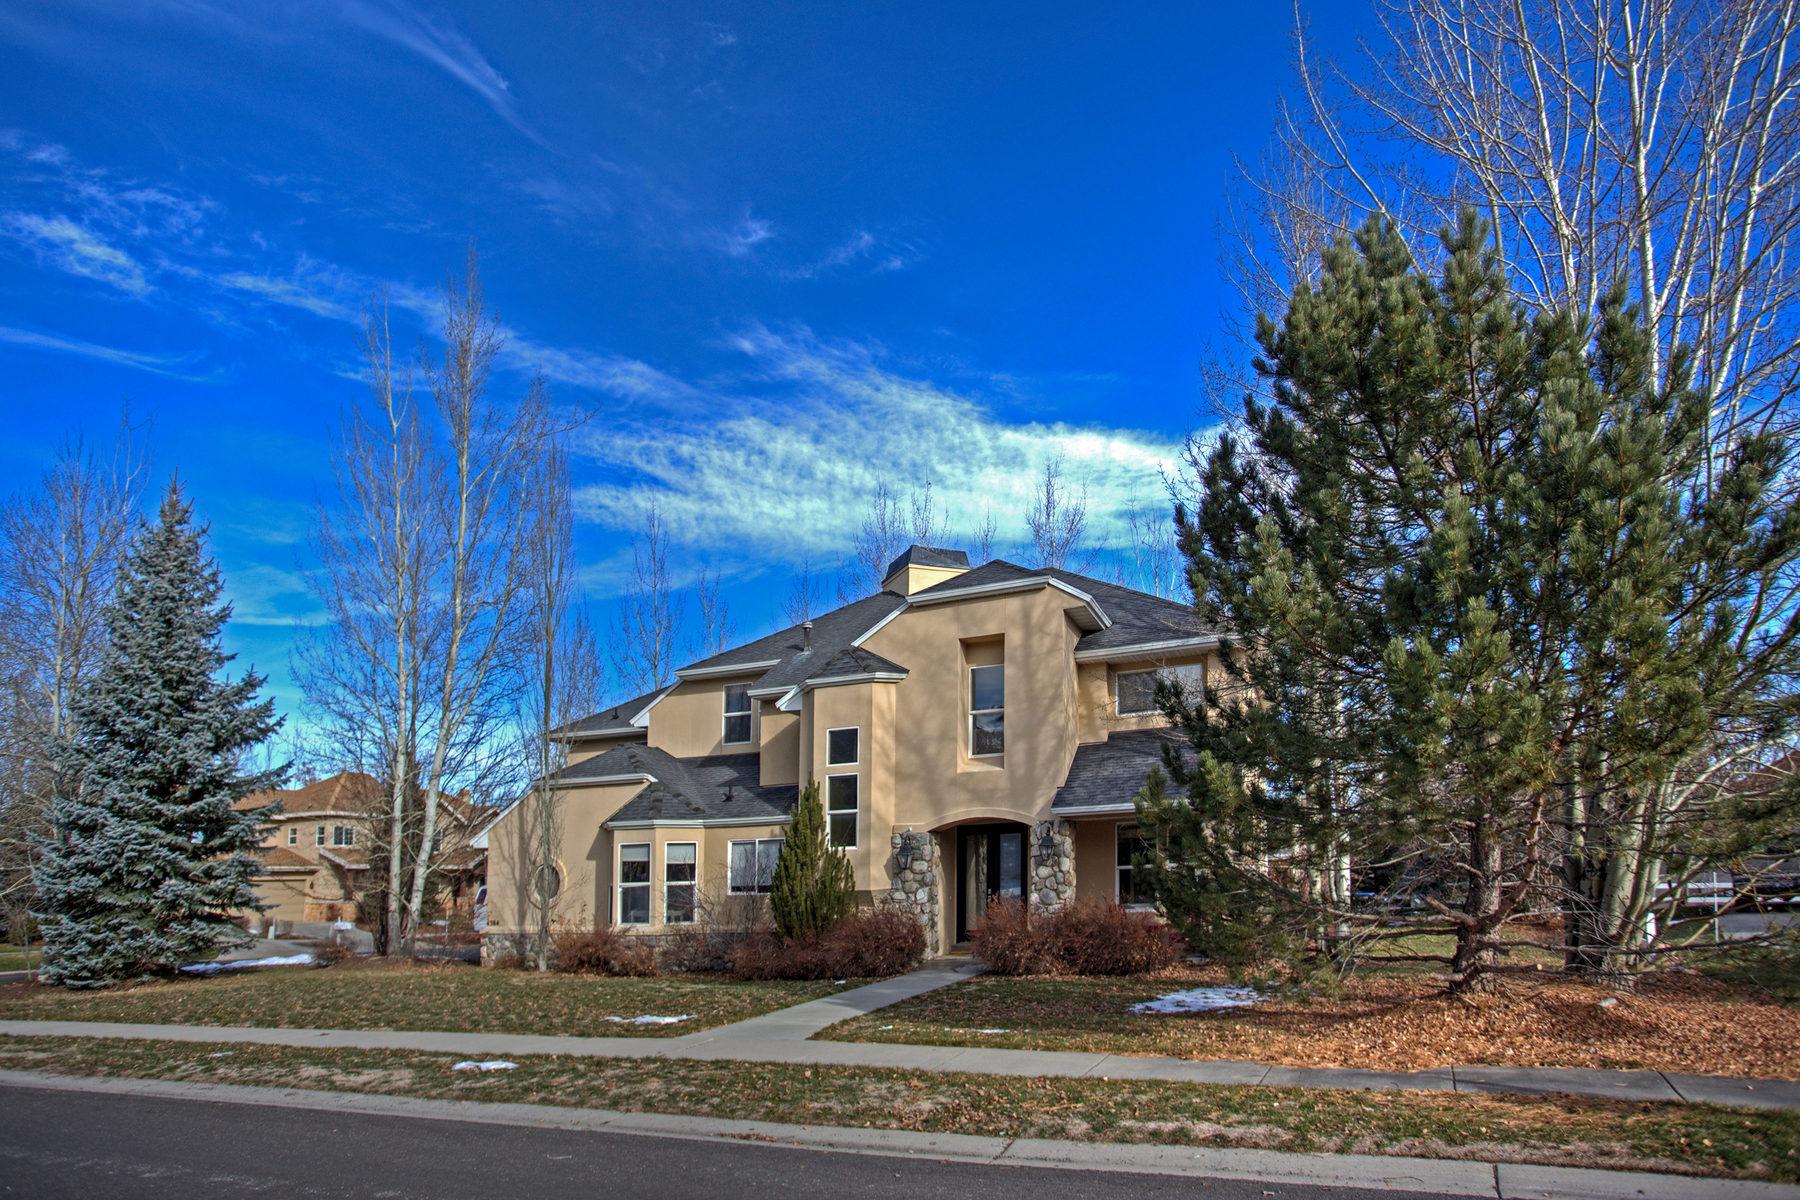 Tek Ailelik Ev için Satış at Beautiful Synder's Mill Bentley Model Home 4384 Murnin Way Park City, Utah 84098 Amerika Birleşik Devletleri